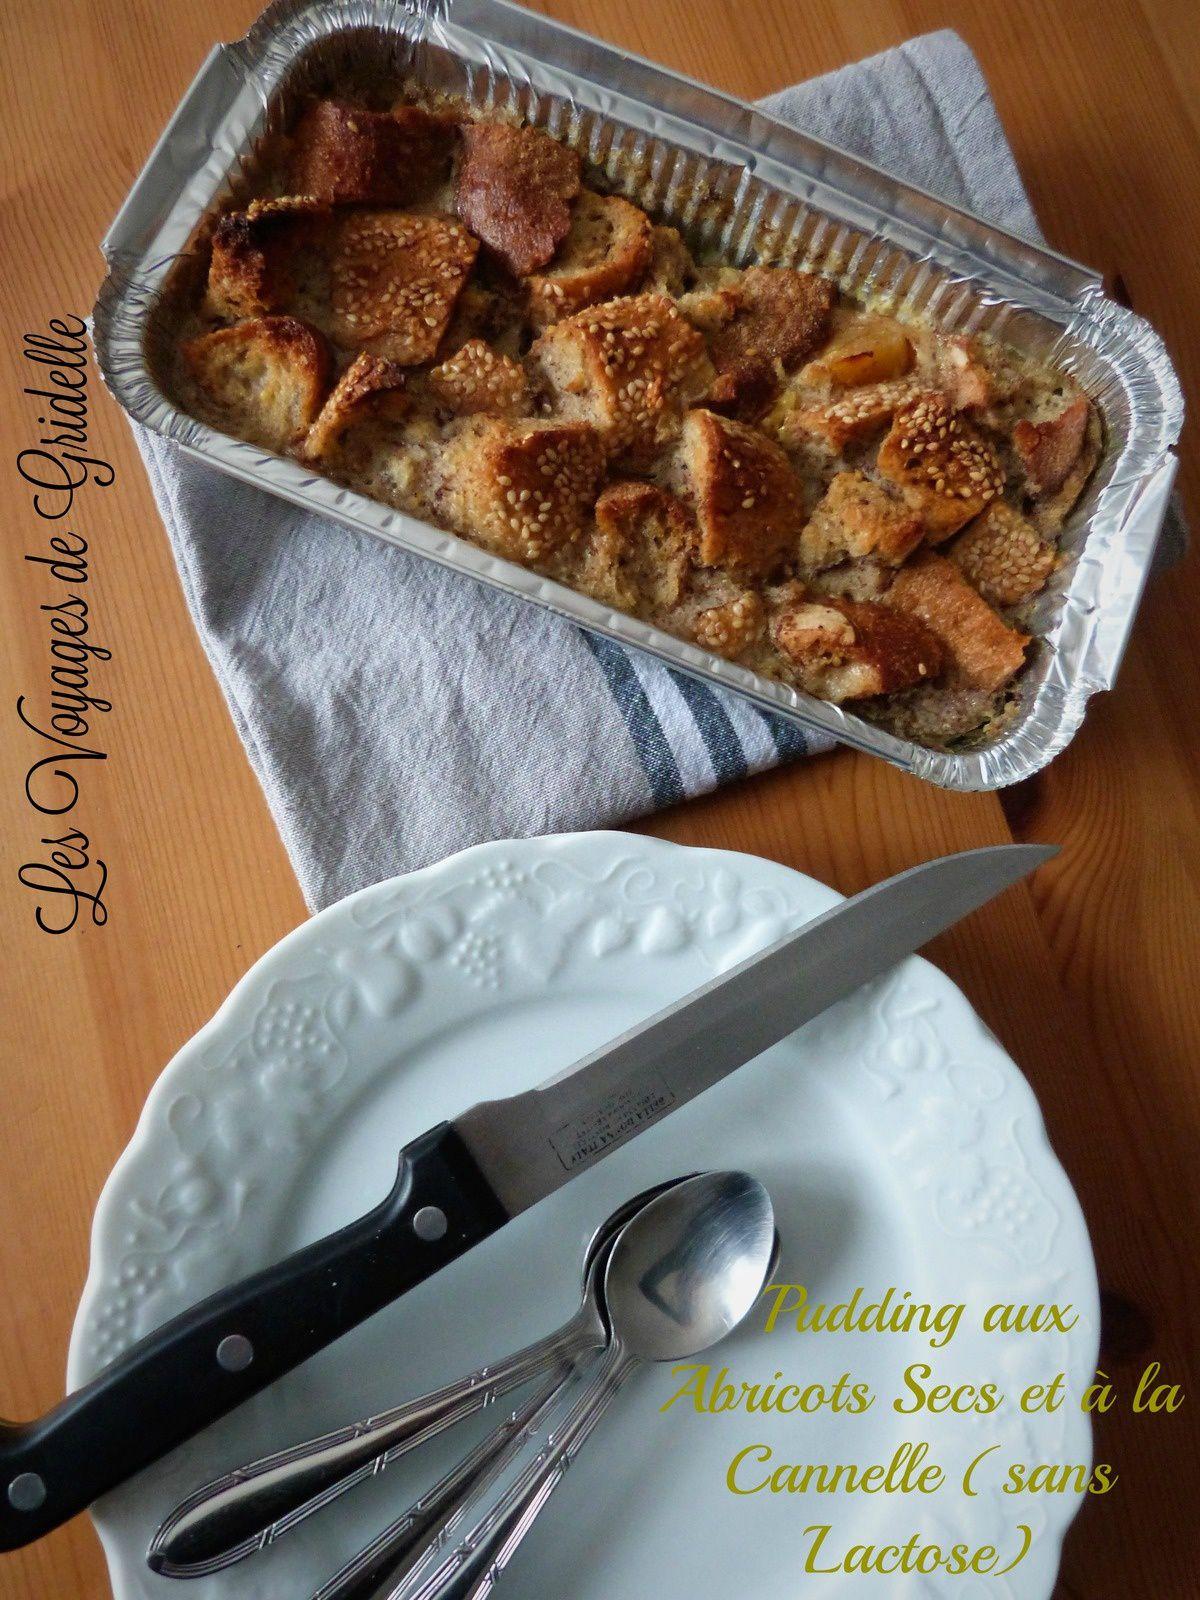 Pudding aux Abricots Secs et à la Cannelle (sans lactose) - Les Voyages de Gridelle